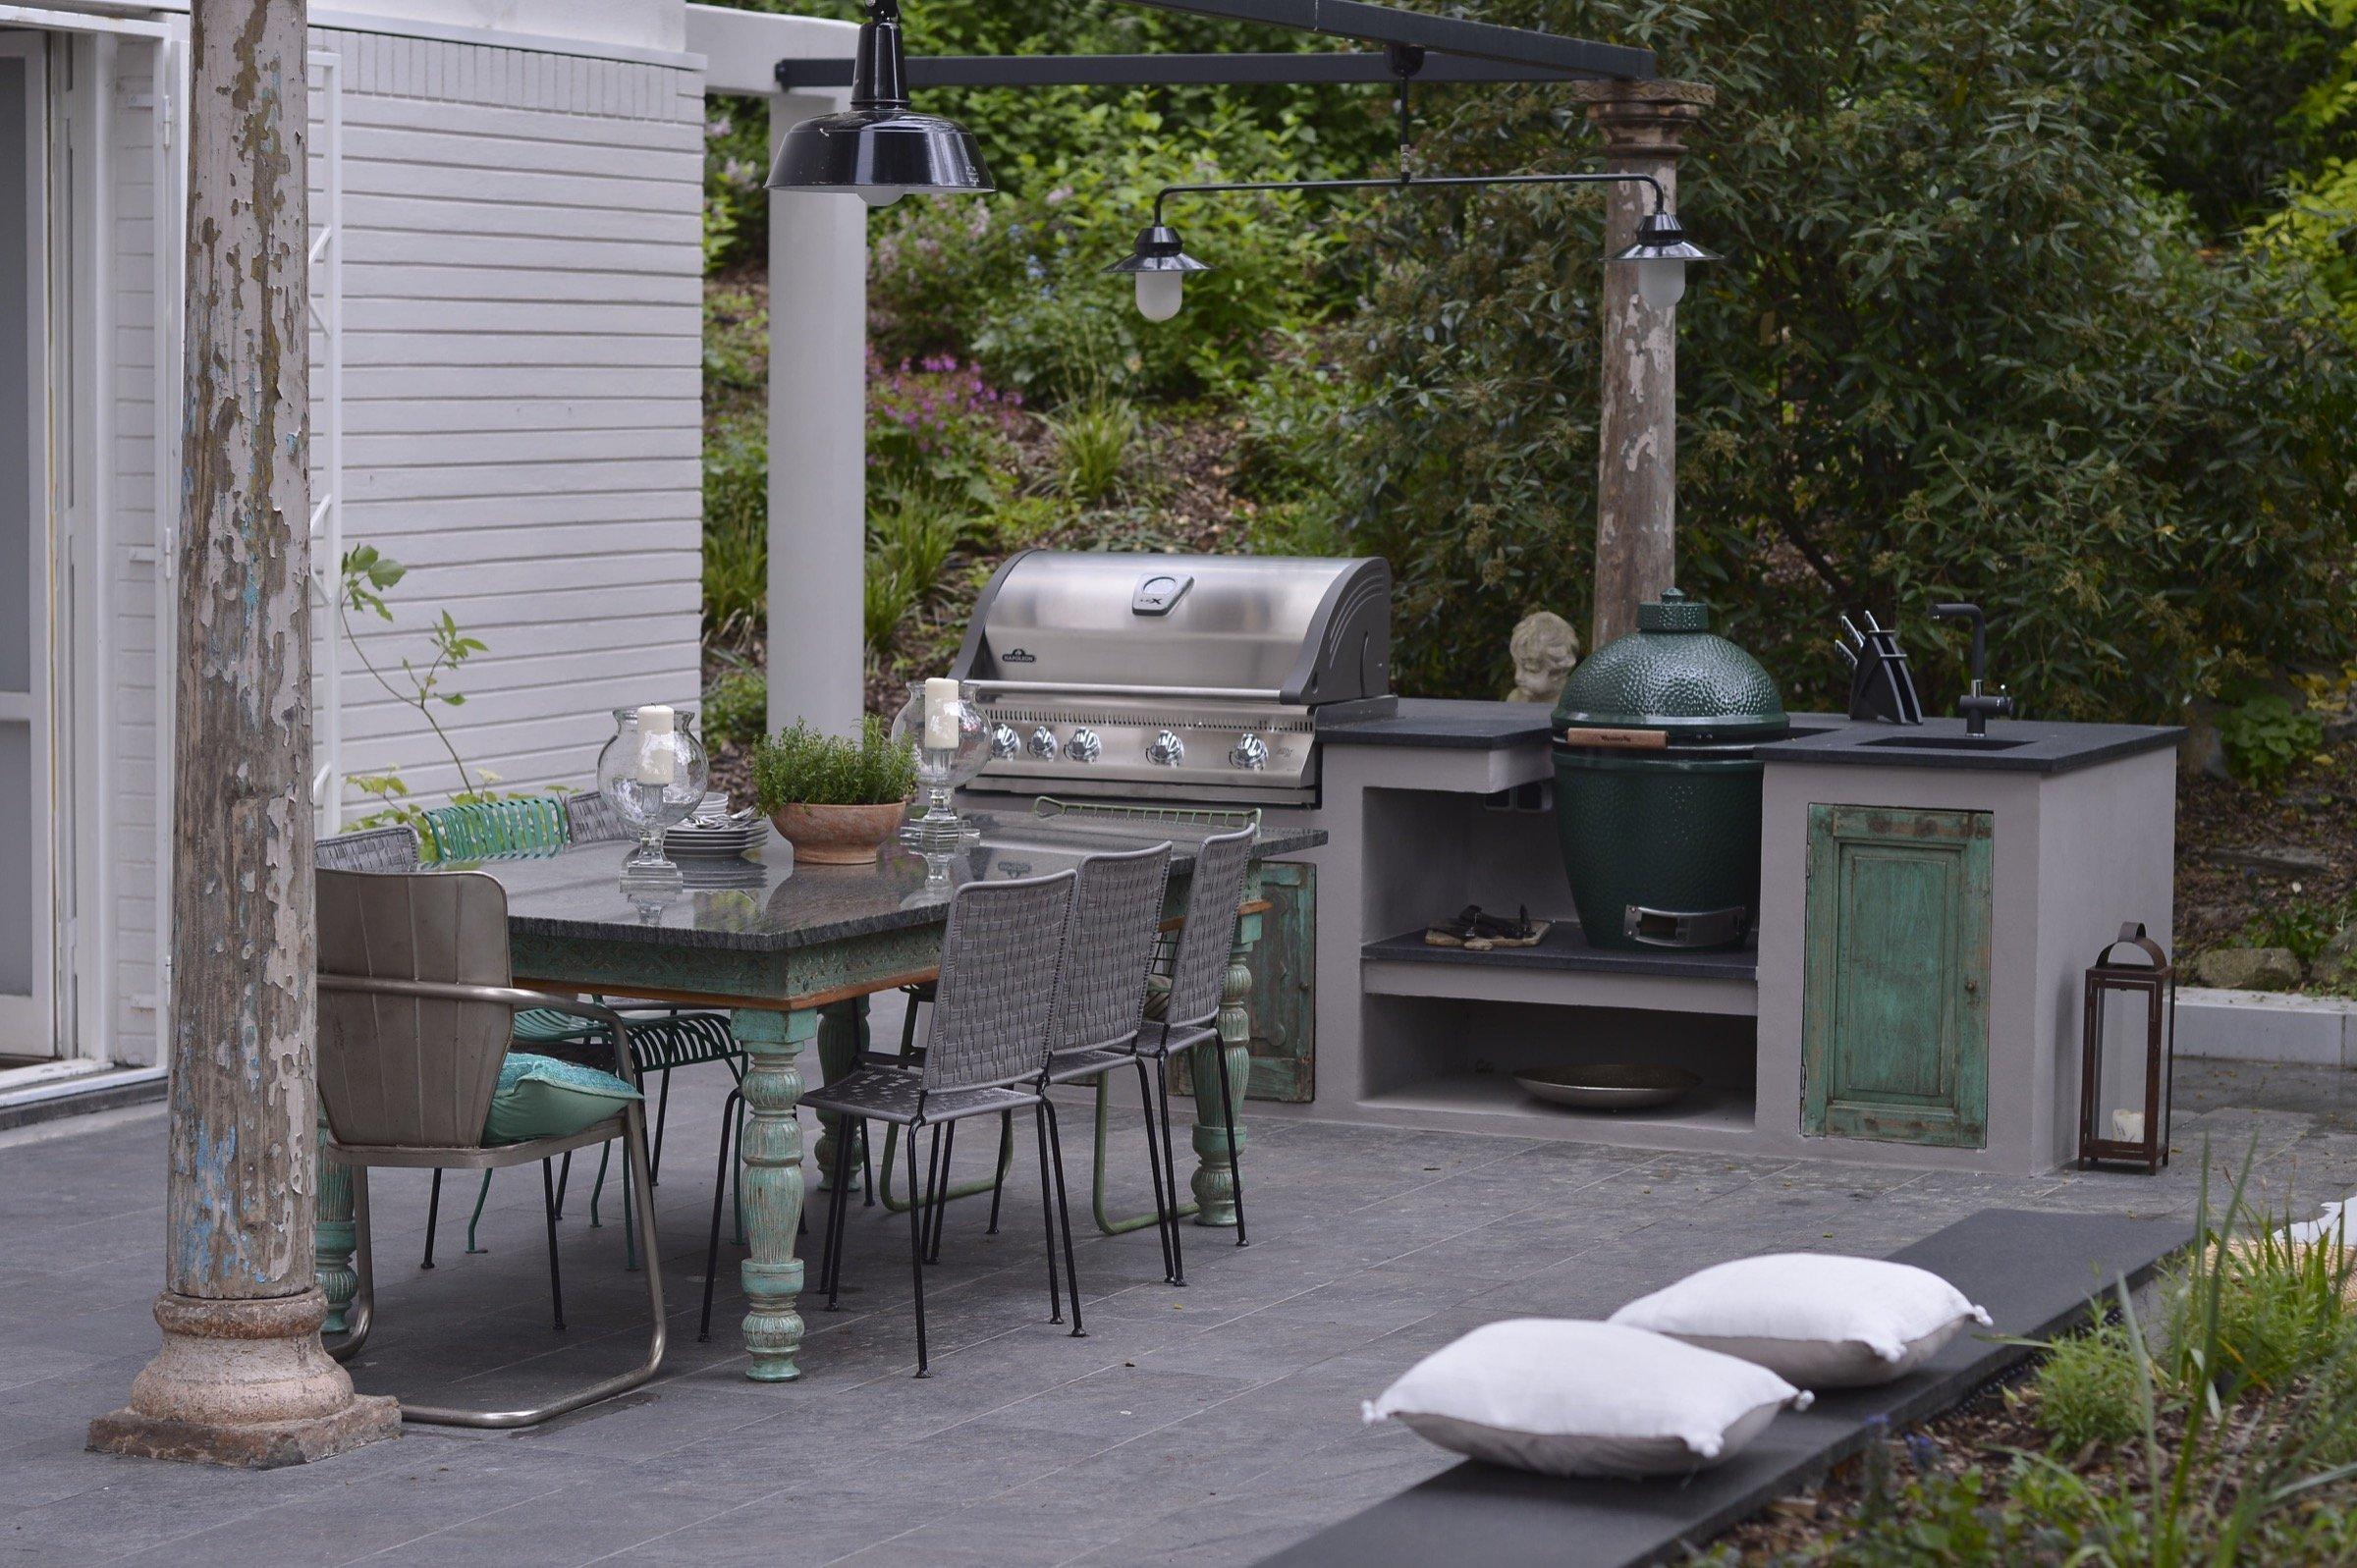 Teplé letní počasí svádí k trávení času na terase i v zahradě. To bývá často spojováno s gurmánskými zážitky. Pokud i vy toužíte po tom dopřát svým návštěvám přijetí plné pohodlí, chutí a vůní, je pro vás tou pravou volbou venkovní kuchyň. Jedna poněkud netradiční a navíc ve středomořském stylu se nachází dokonce v centru Prahy.